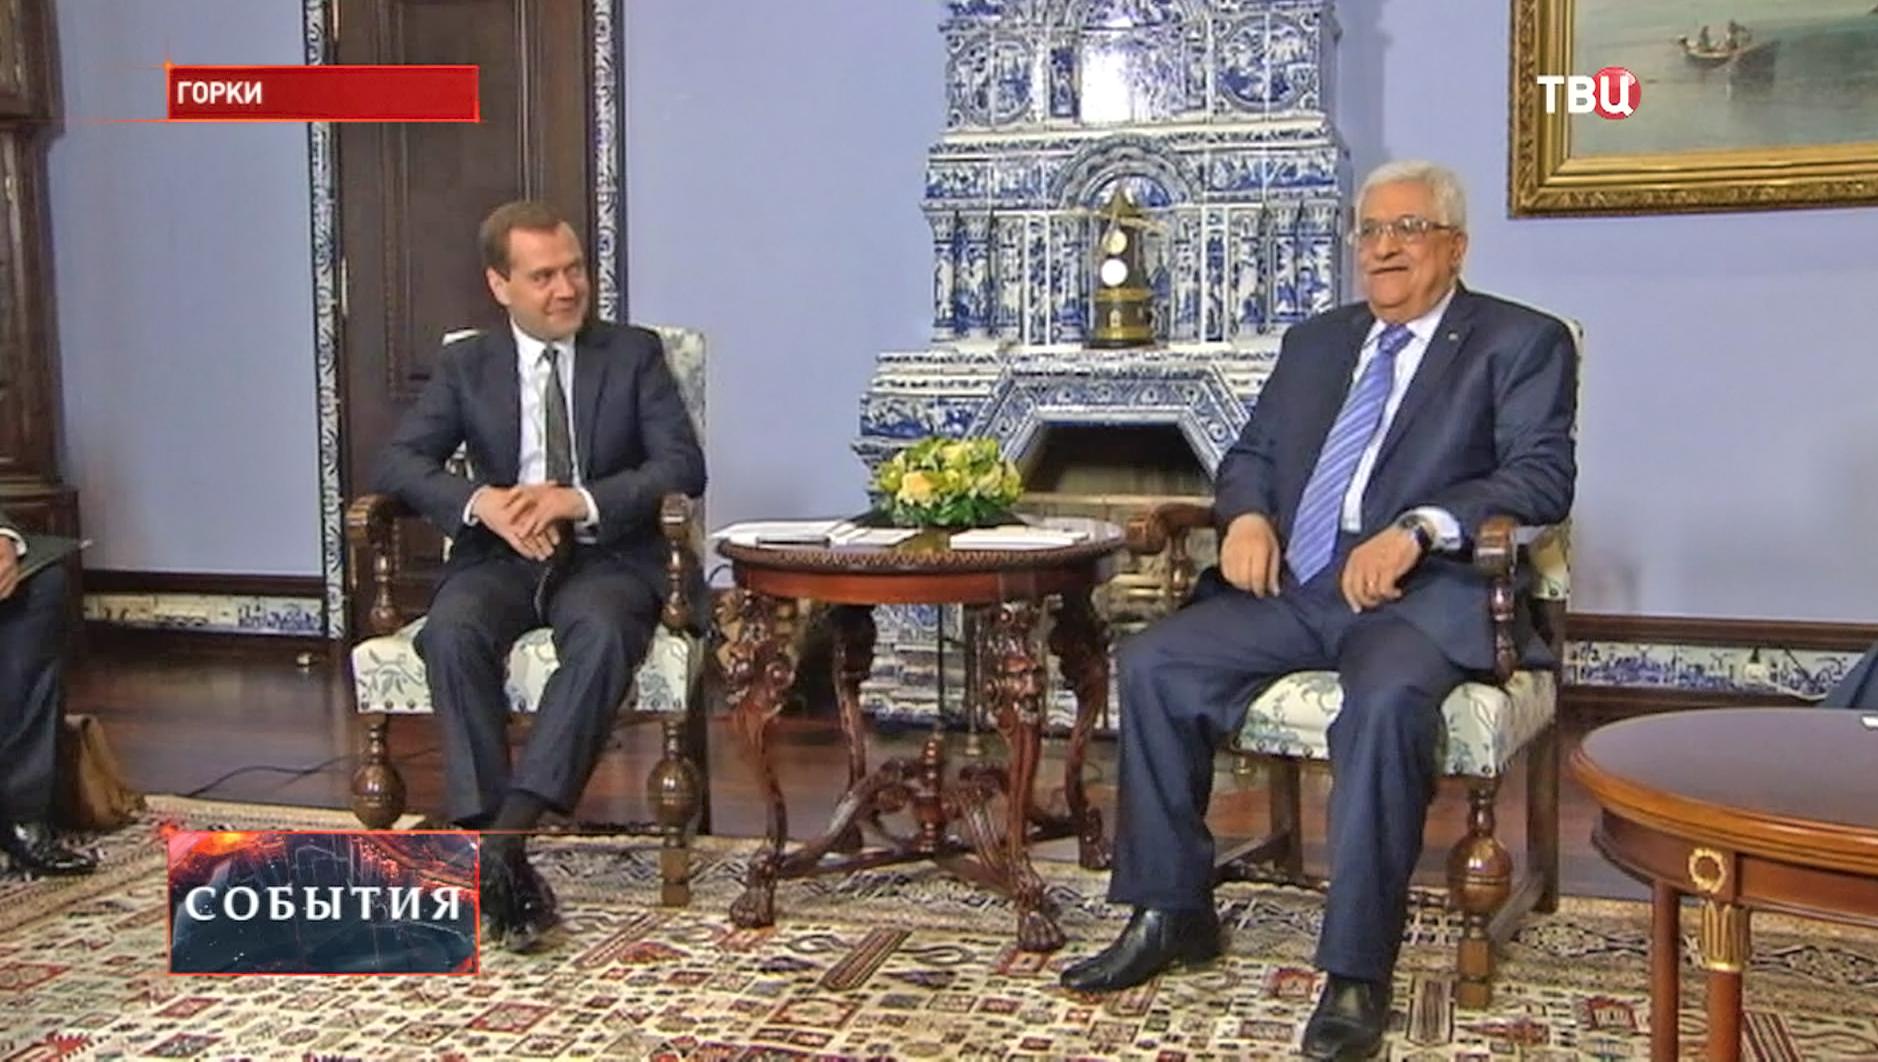 Глава правительства РФ Дмитрий Медведев и президент Палестины Махмуд Аббас